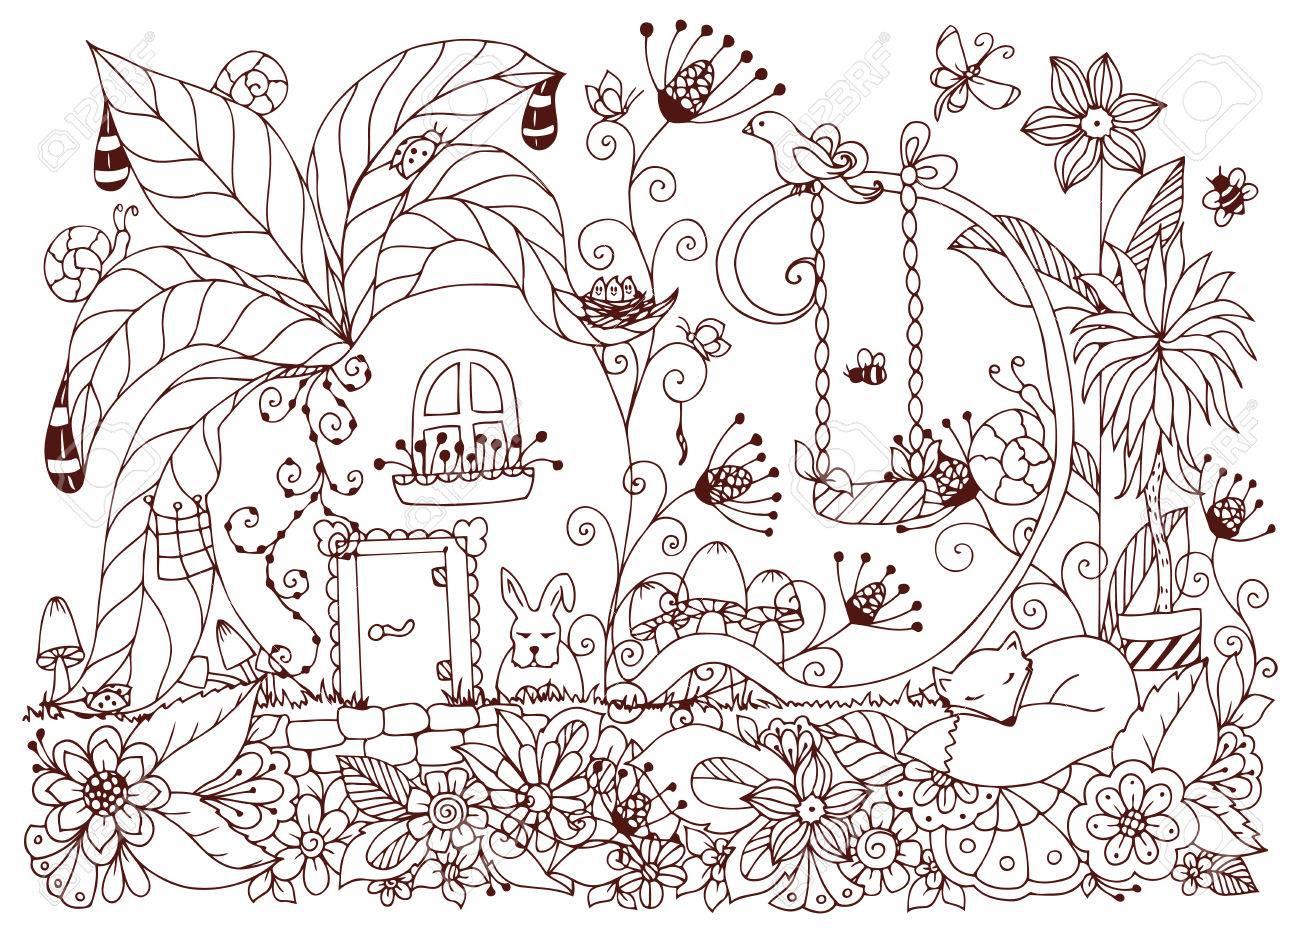 Coloriage Adulte Foret.Vector Illustration Maison Zen Tangle De Radis Fleurs De Griffonnage Jardin Nature Foret Coloriage Livre Anti Stress Pour Les Adultes Coloriage